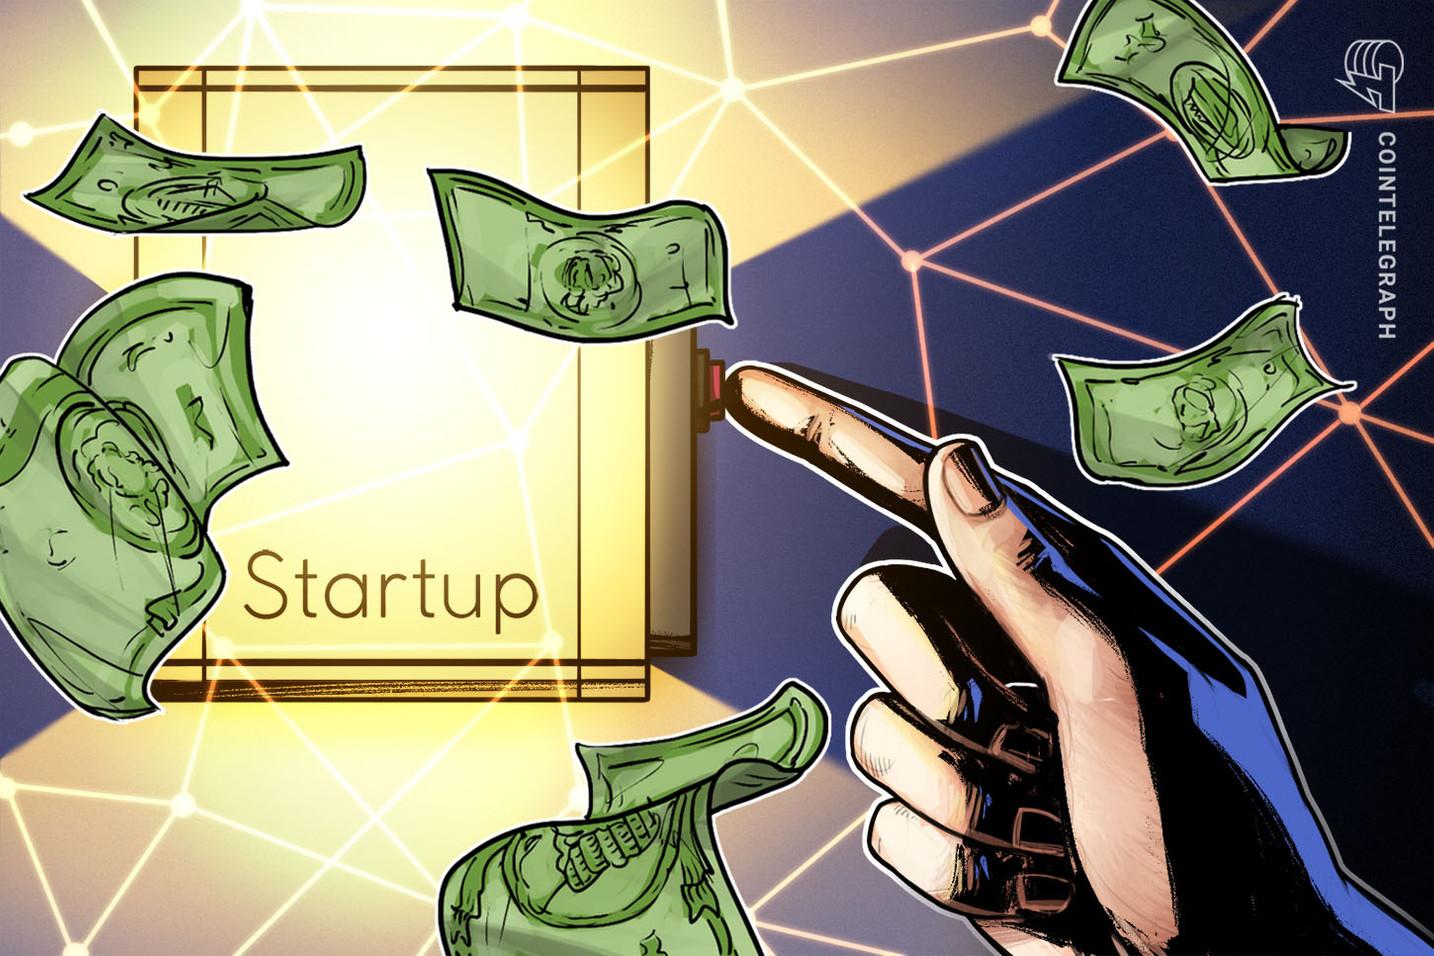 Krypto-Startup TaxBit generiert weitere 130 Mio. US-Dollar Investitionskapital